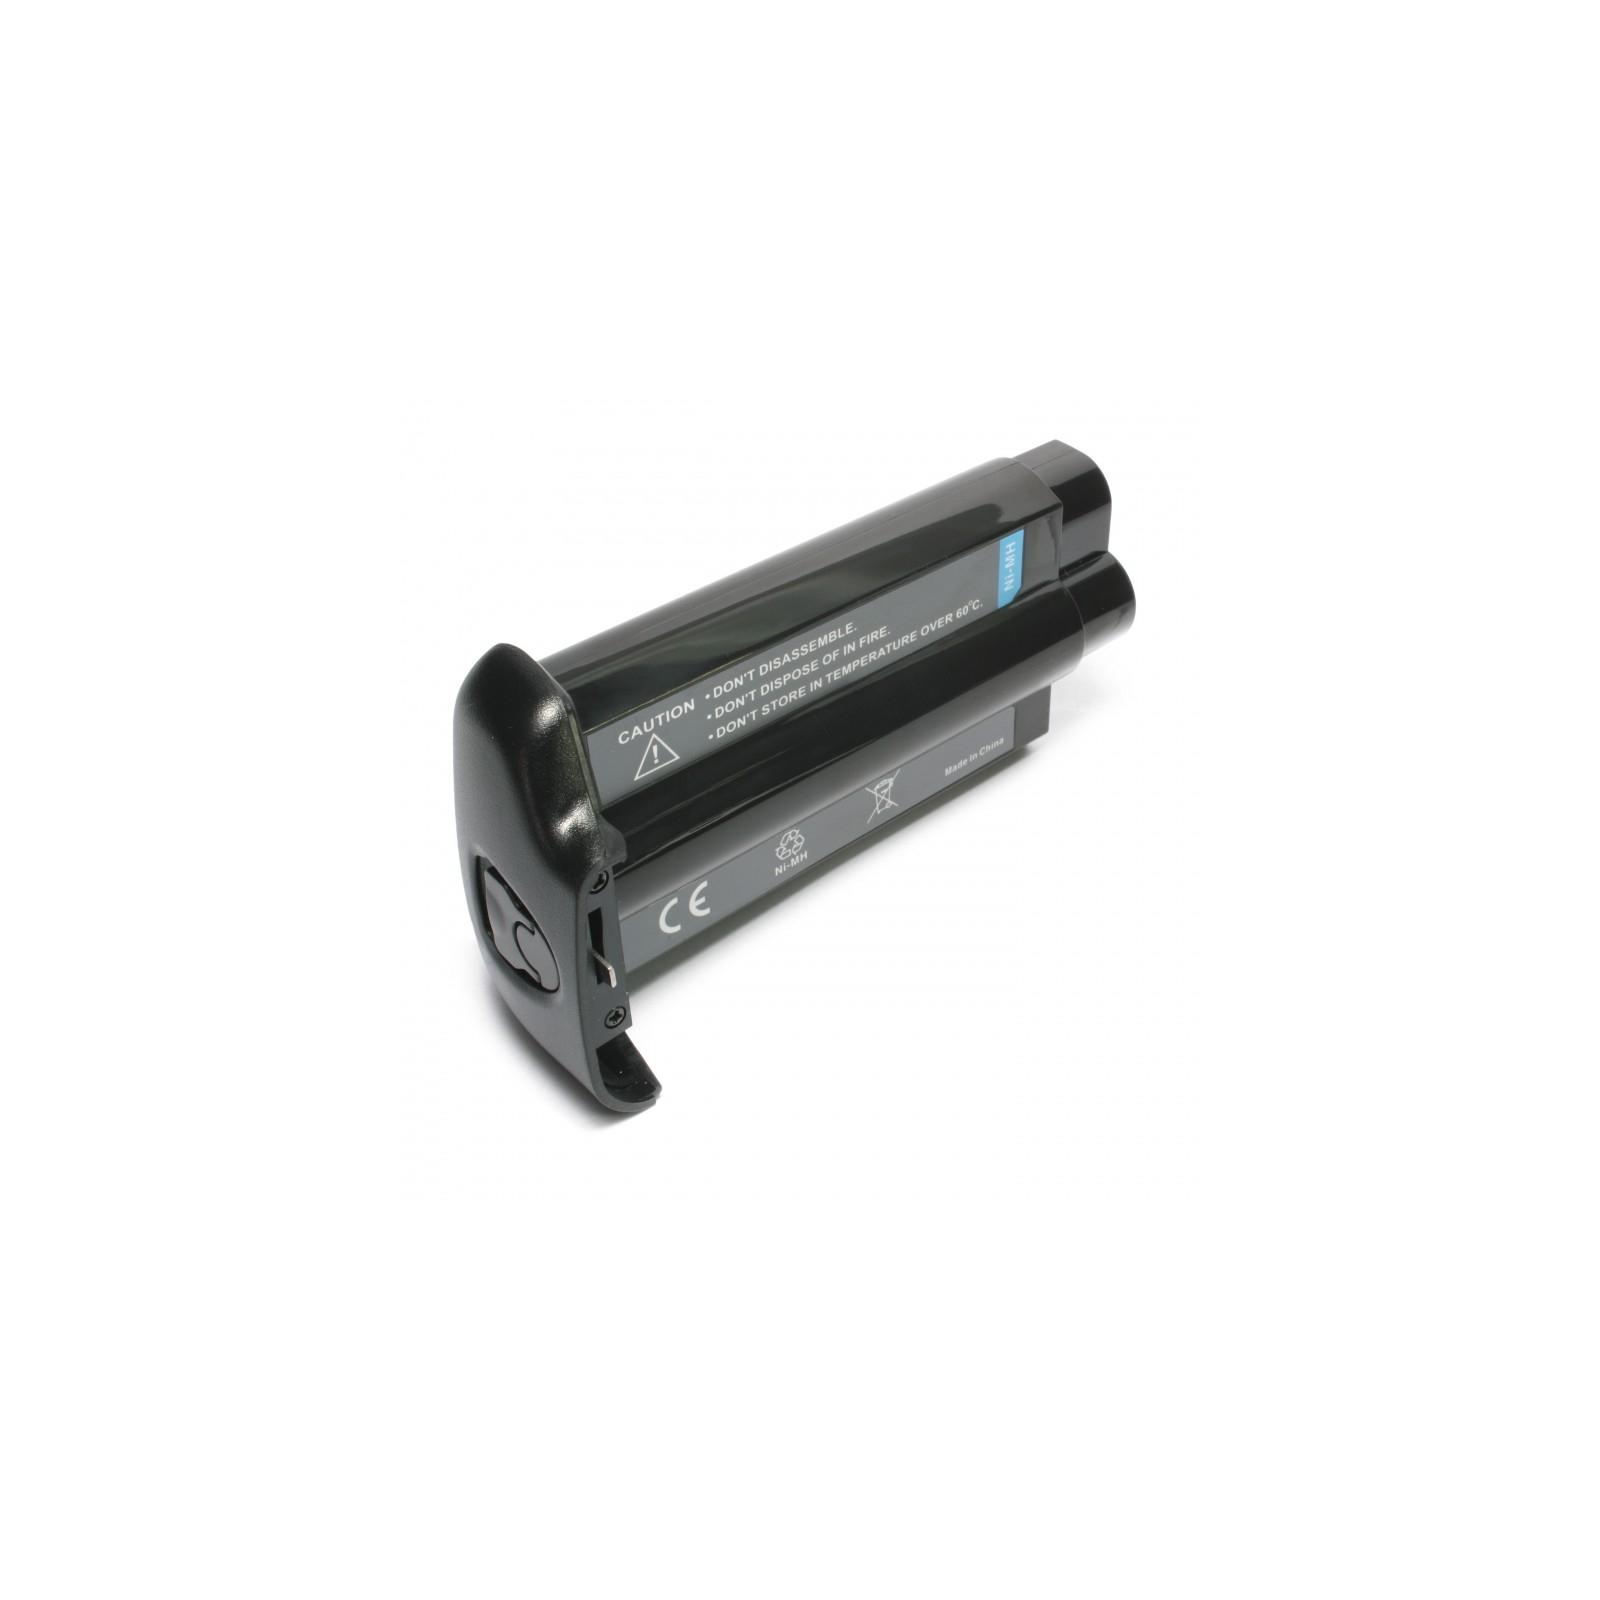 Аккумулятор к фото/видео EXTRADIGITAL Nikon EN-4 (chip) (BDN1307) изображение 4